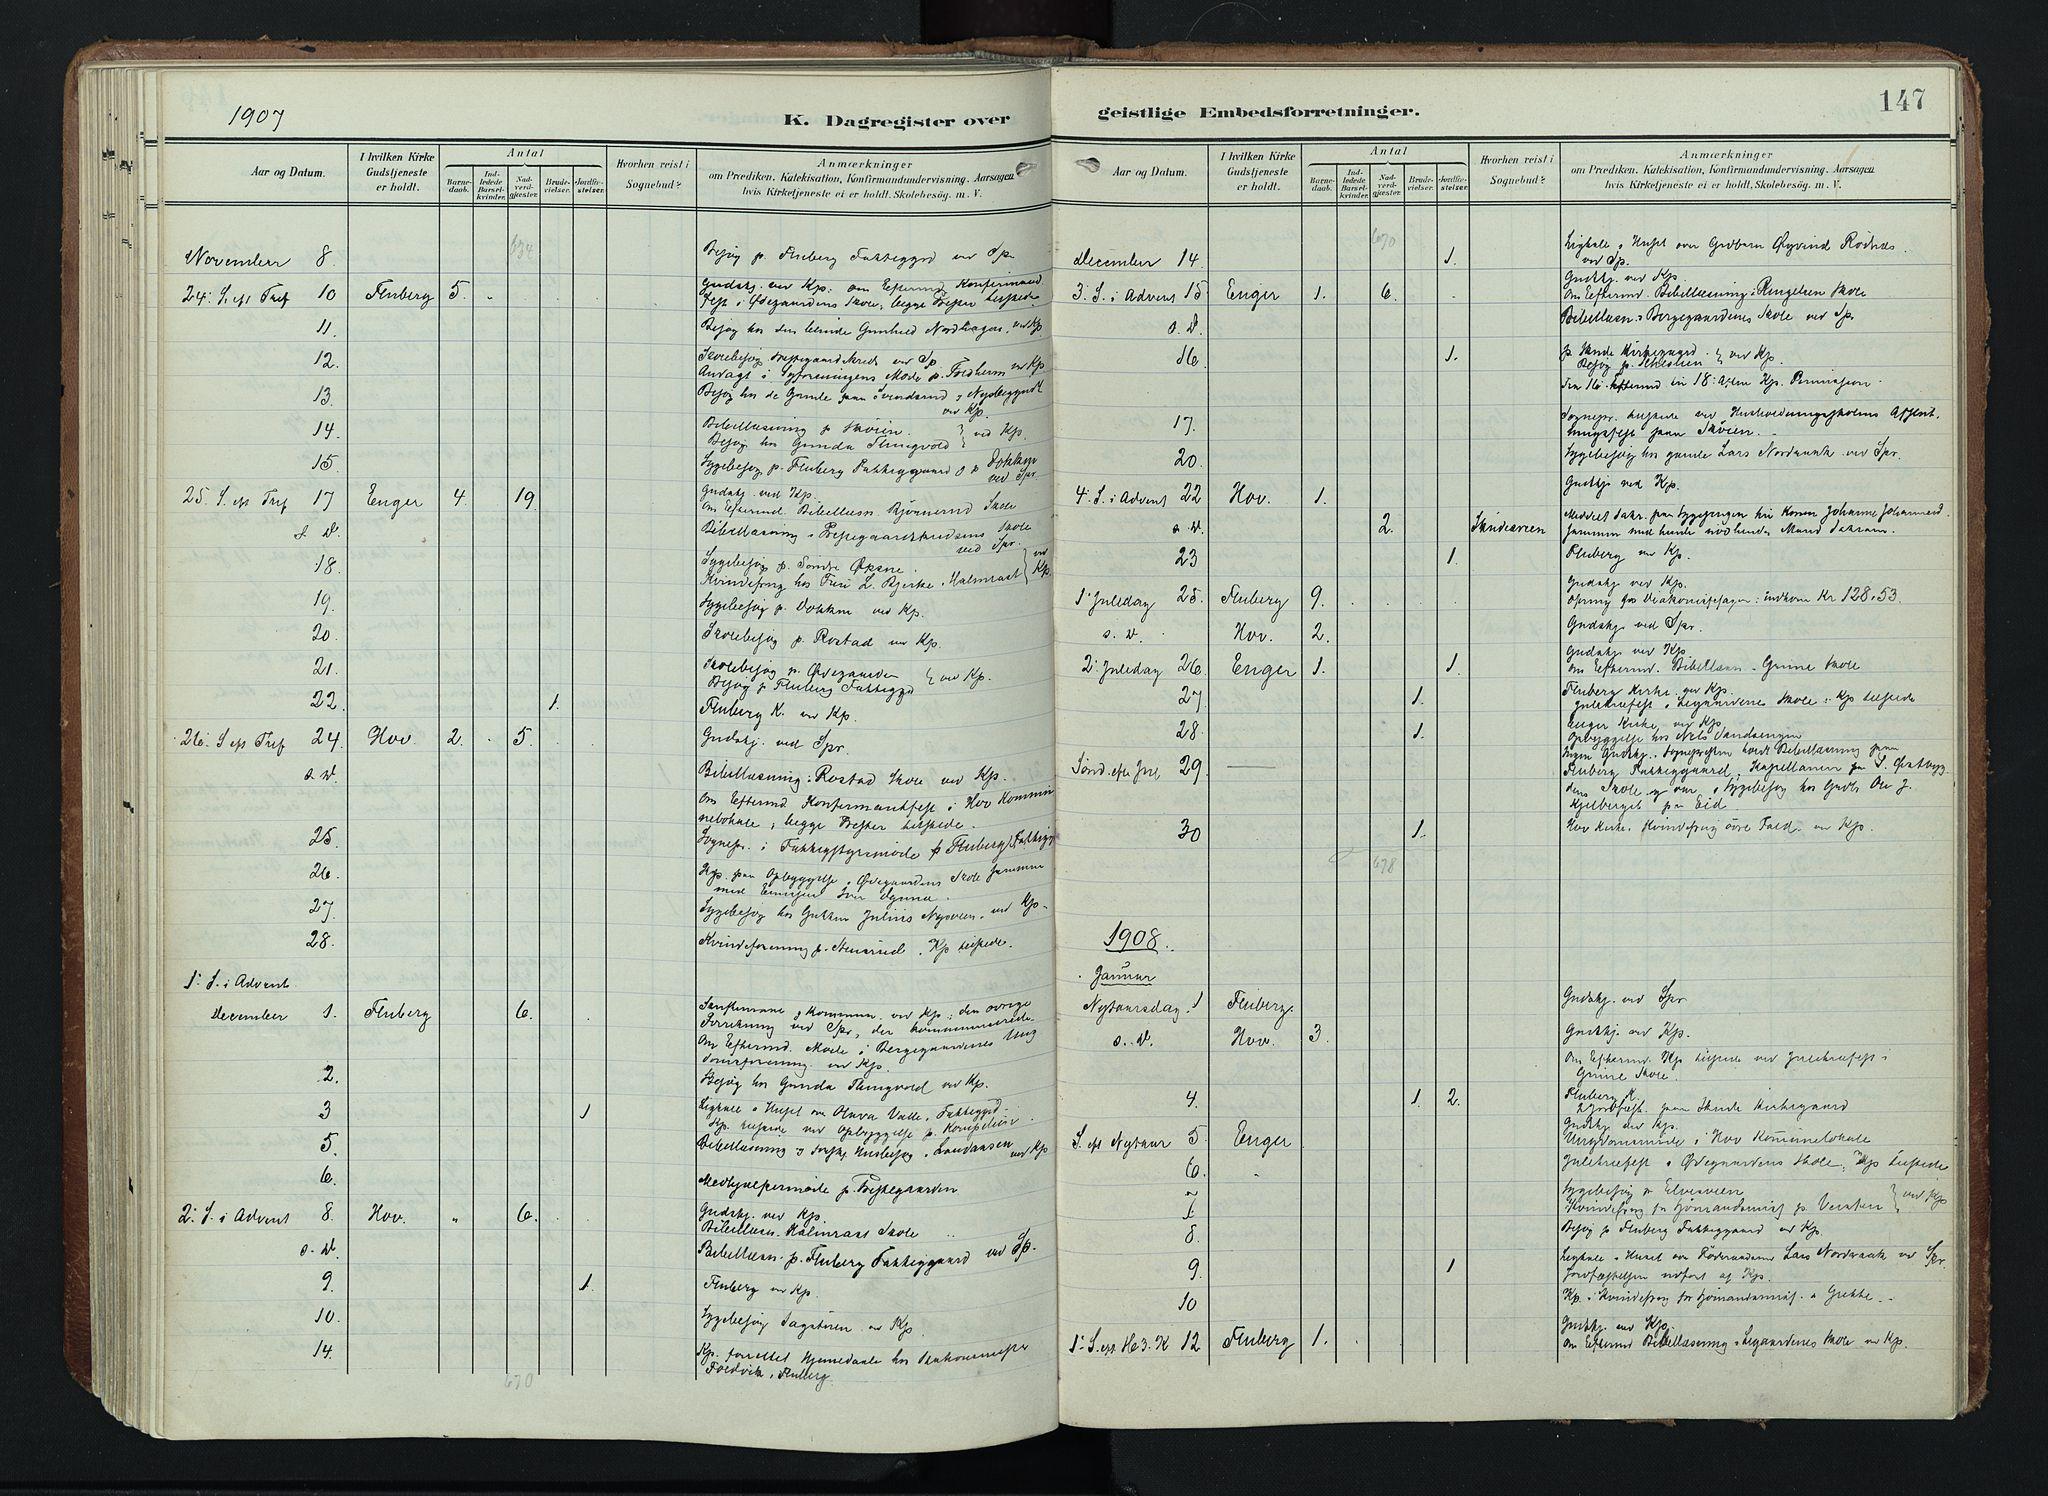 SAH, Søndre Land prestekontor, K/L0005: Ministerialbok nr. 5, 1905-1914, s. 147